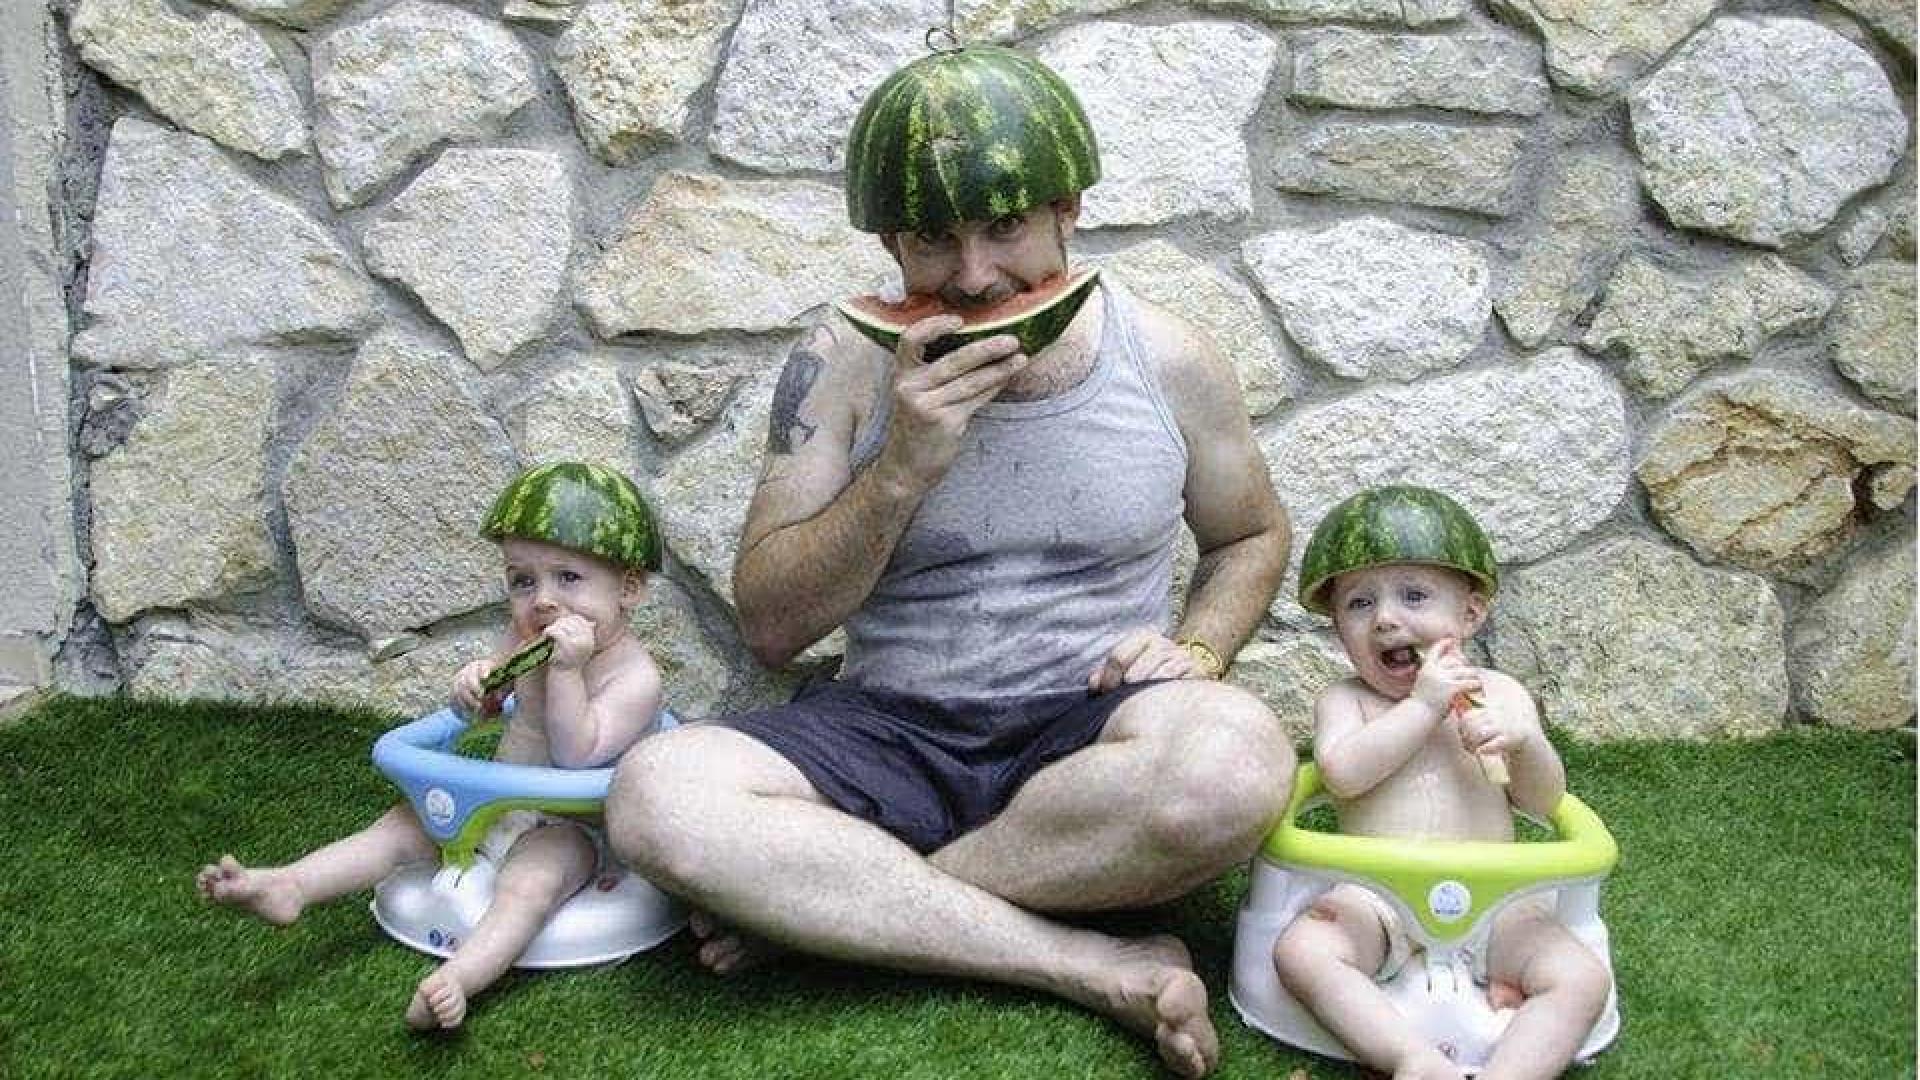 Pai documenta vida com gémeos de um ano em fotografias hilariantes